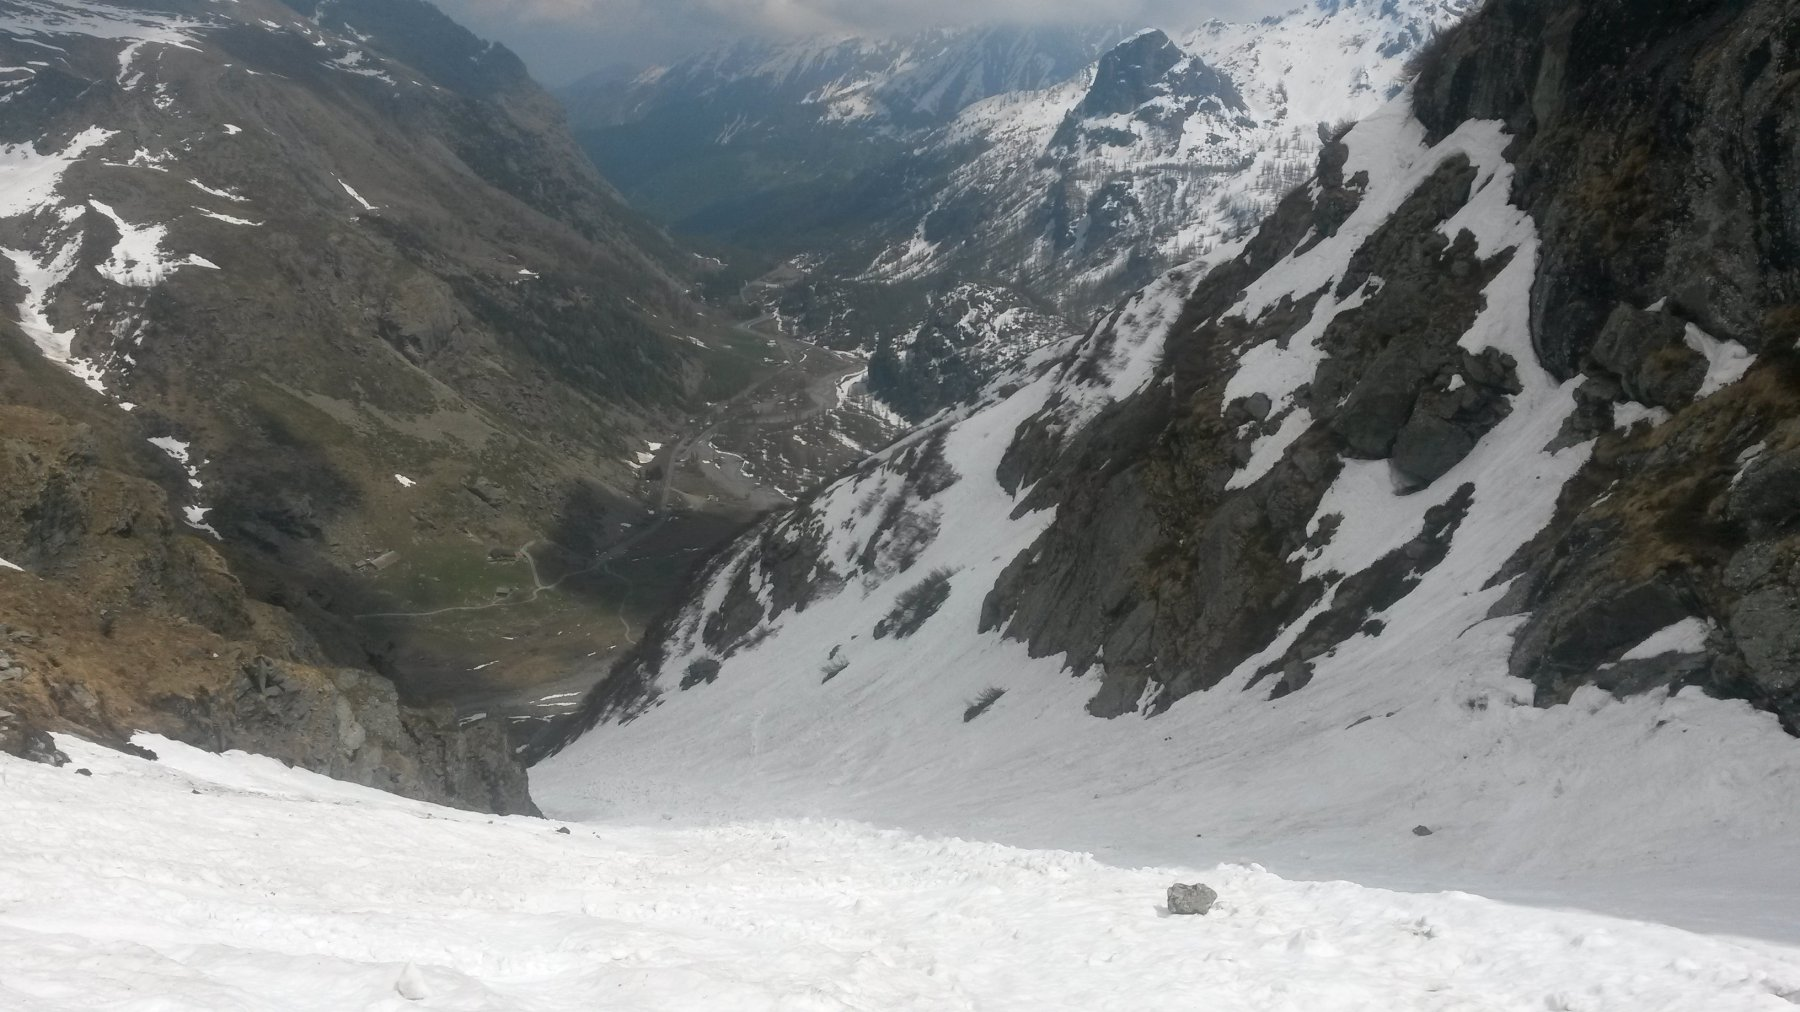 In vista del parcheggio - ormai i resti di neve dura e terriccio da valanga fanno da sicuro tappo